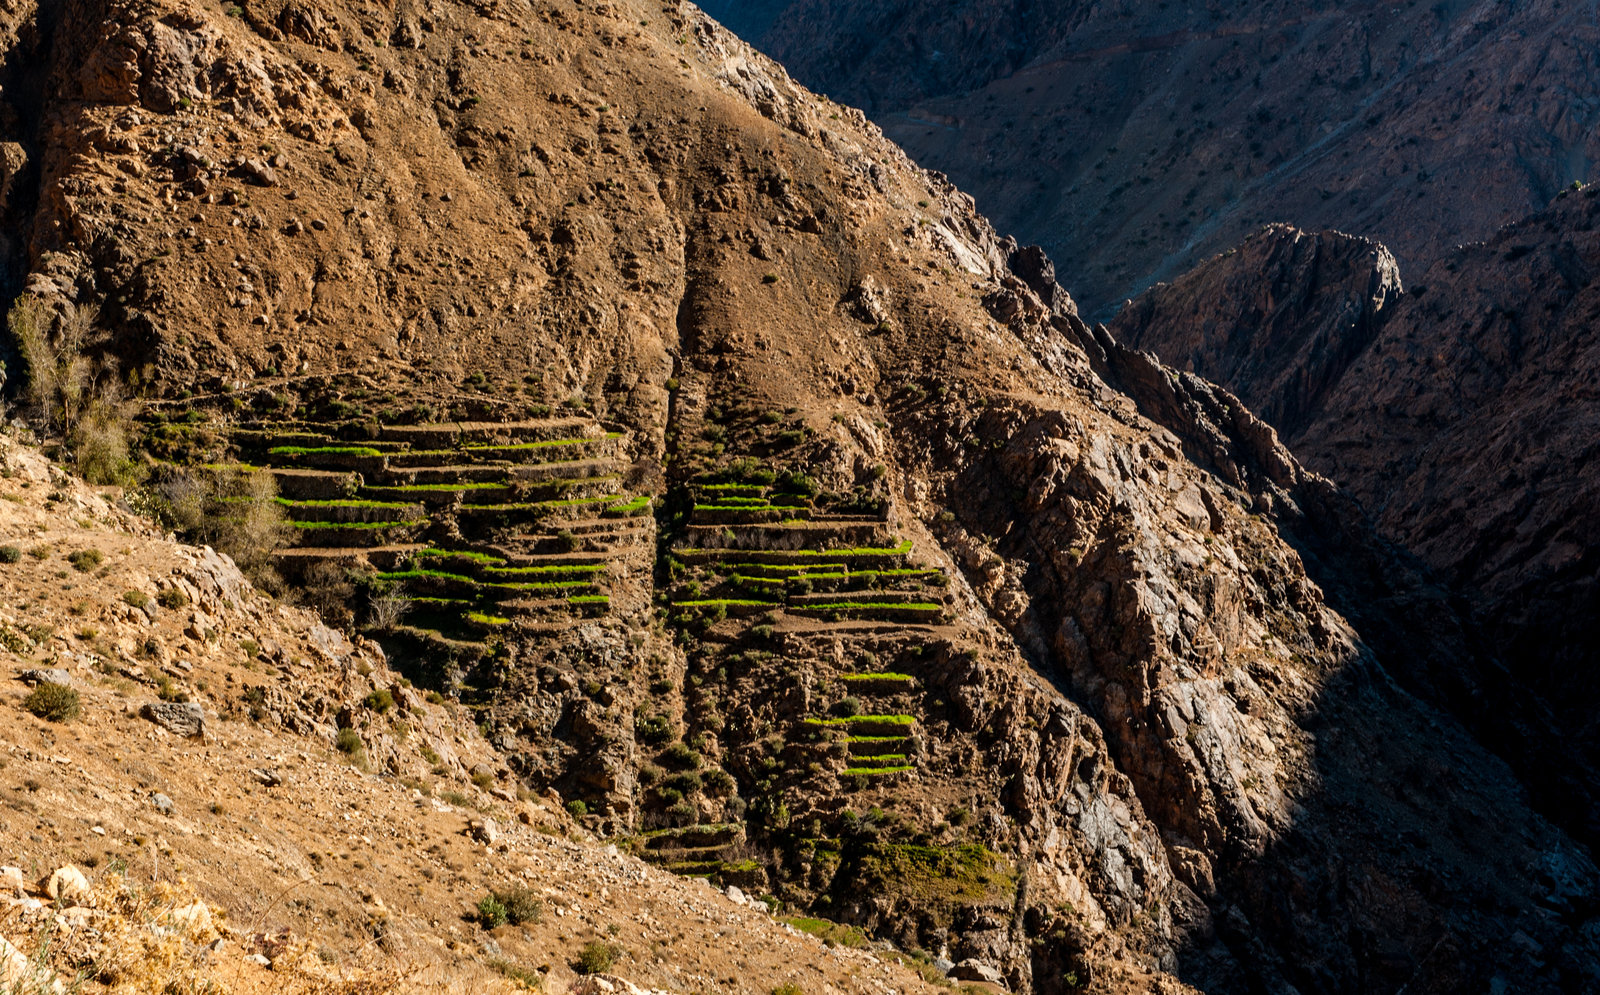 maroko-antyatlas-trekking-marrakesz-16